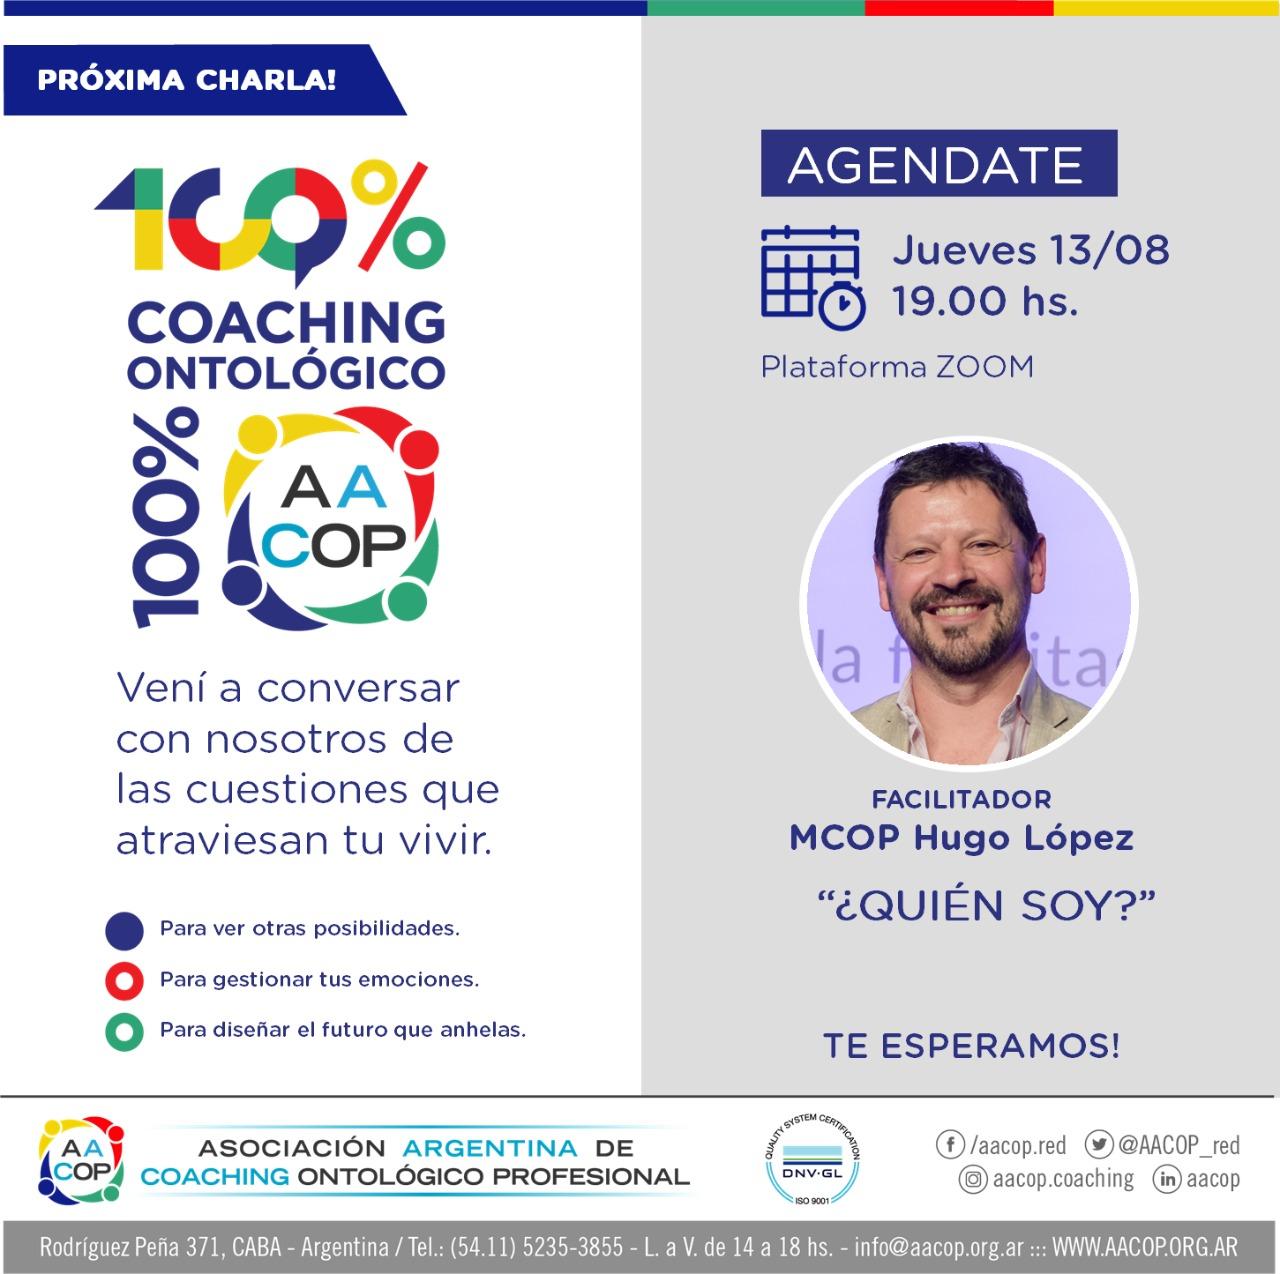 ¿Quién soy? Entrevista a Hugo López | imagen